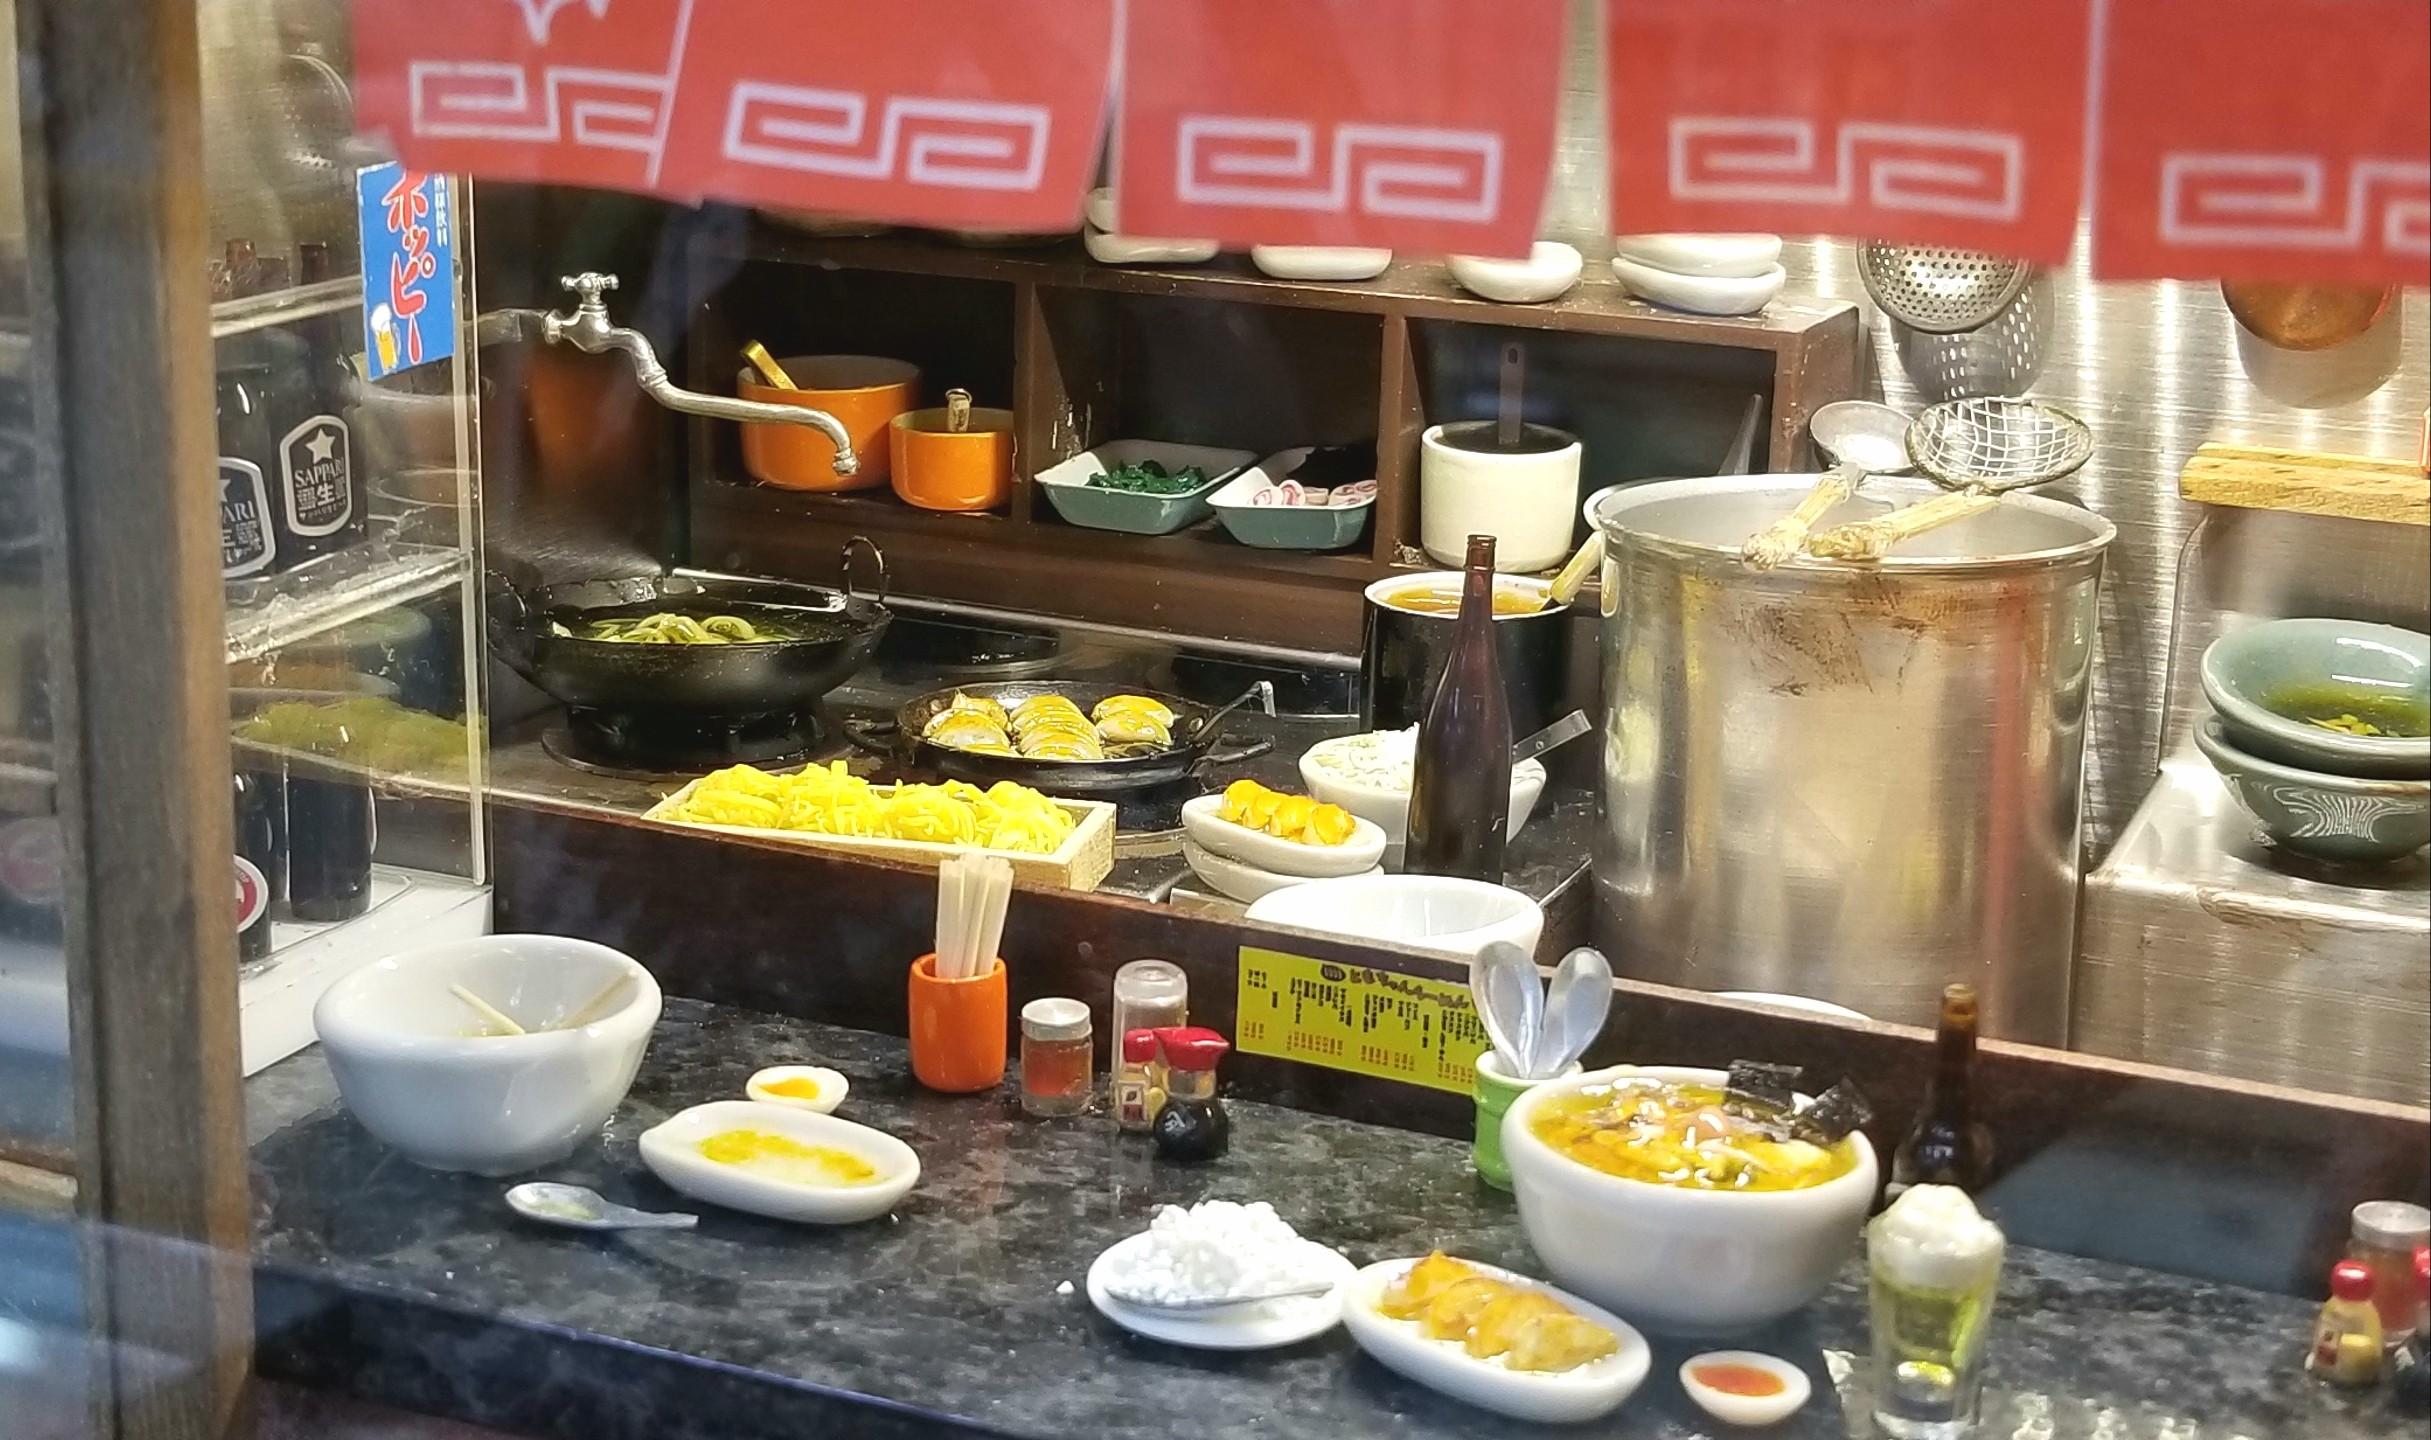 ミニチュア, ミニ厨房庵, 京王百貨店ドールハウス展, 食品サンプル